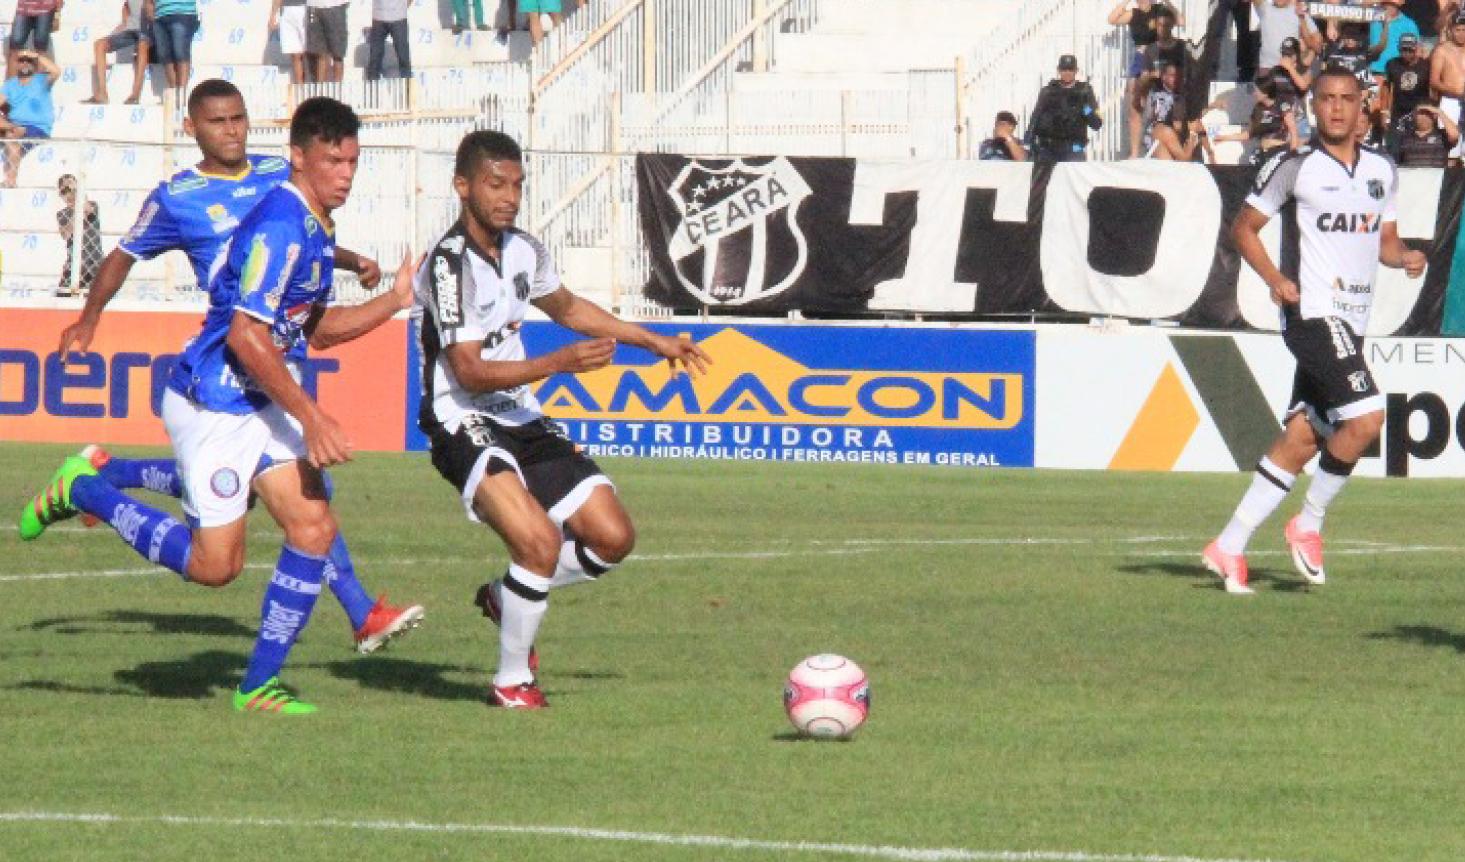 Resultado de imagem para Iguatu joga contra o ceará